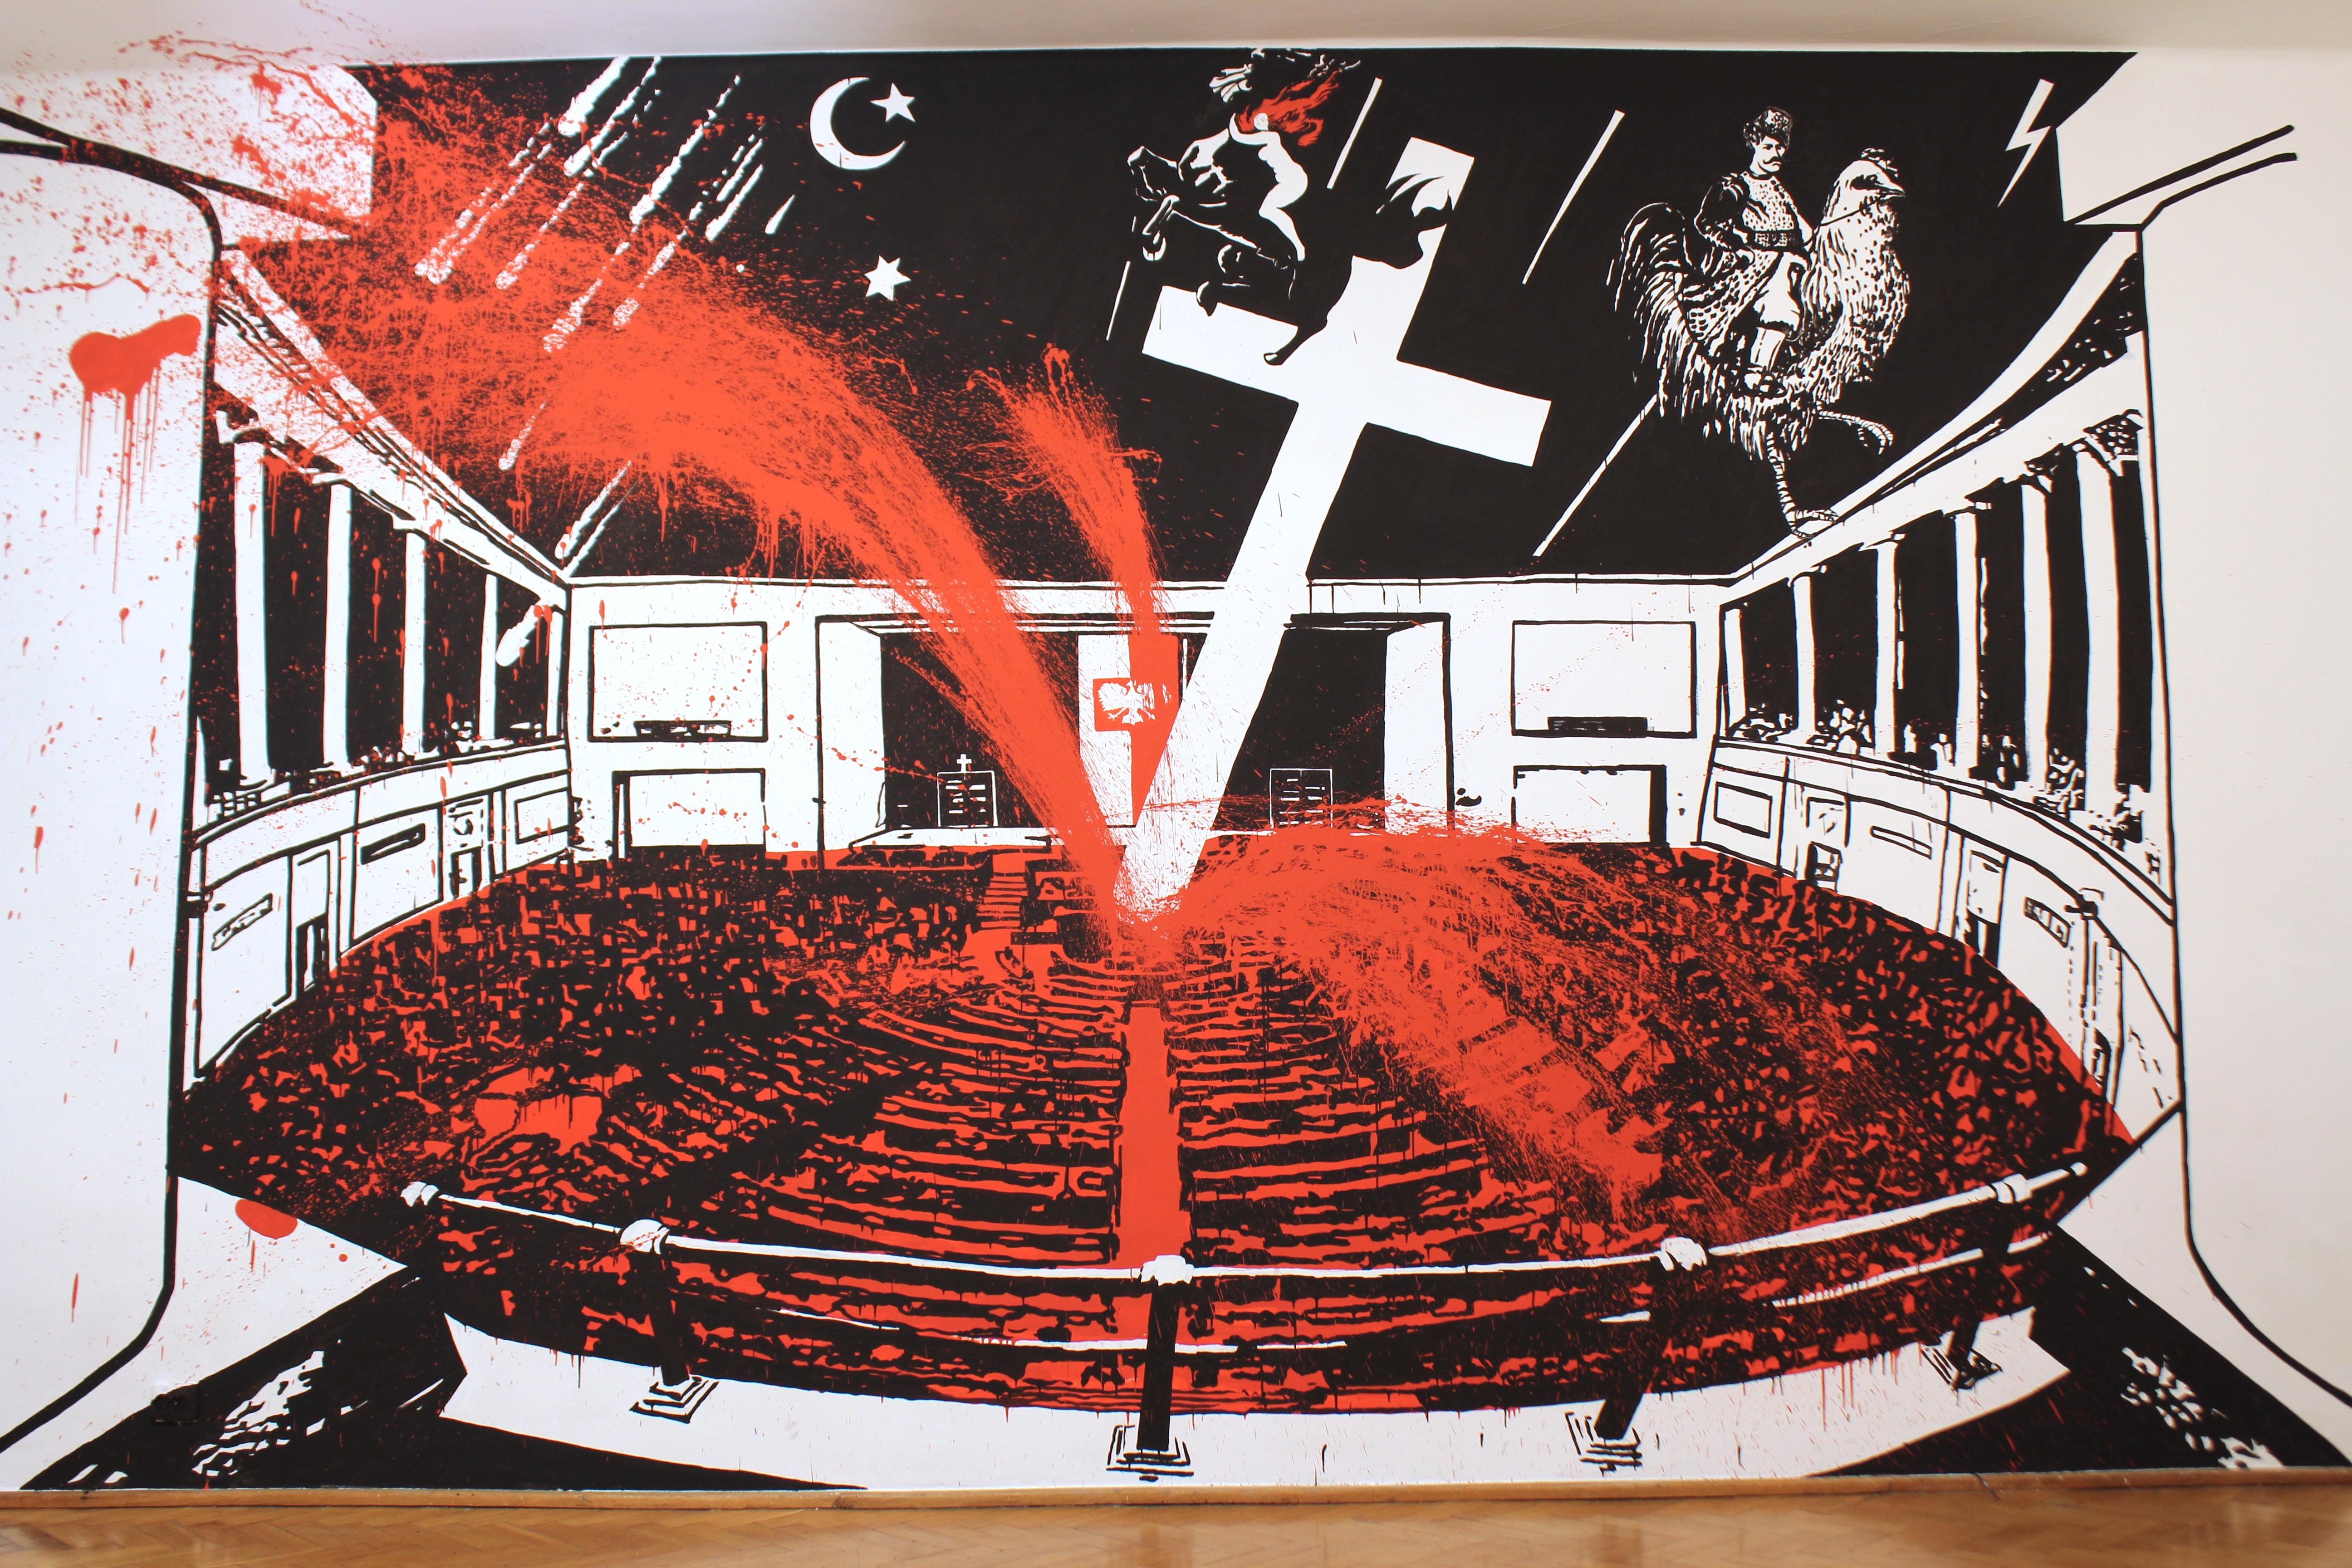 Volodymyr Kuznetsov Kiedy śpisz, mural, F.A.I.T. 1015r.